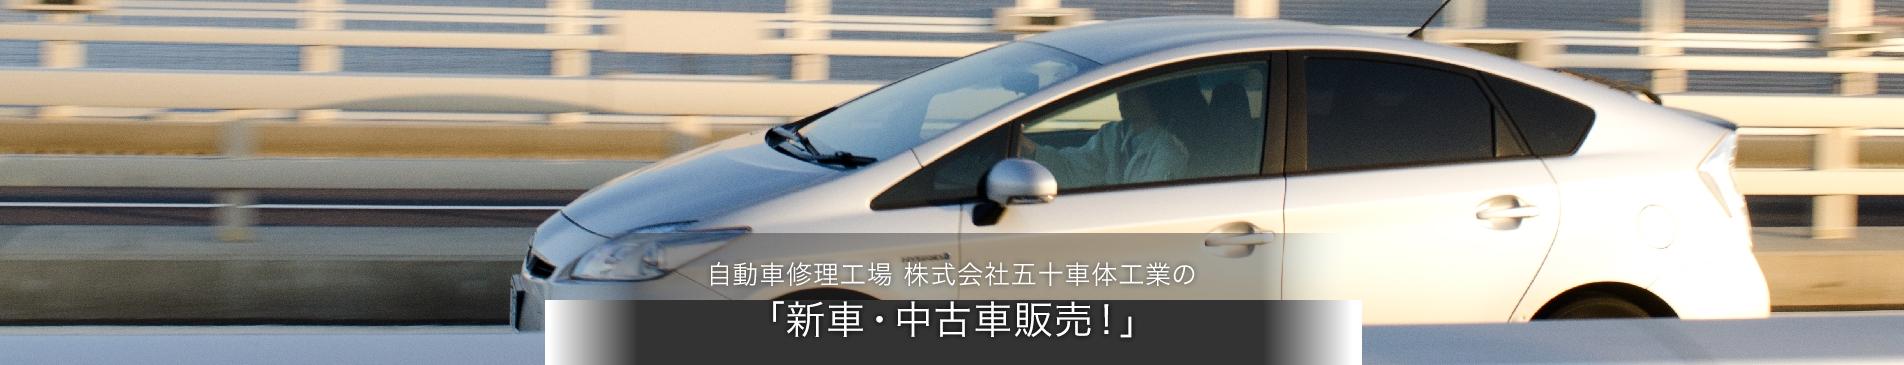 五十車体の新車・中古車販売